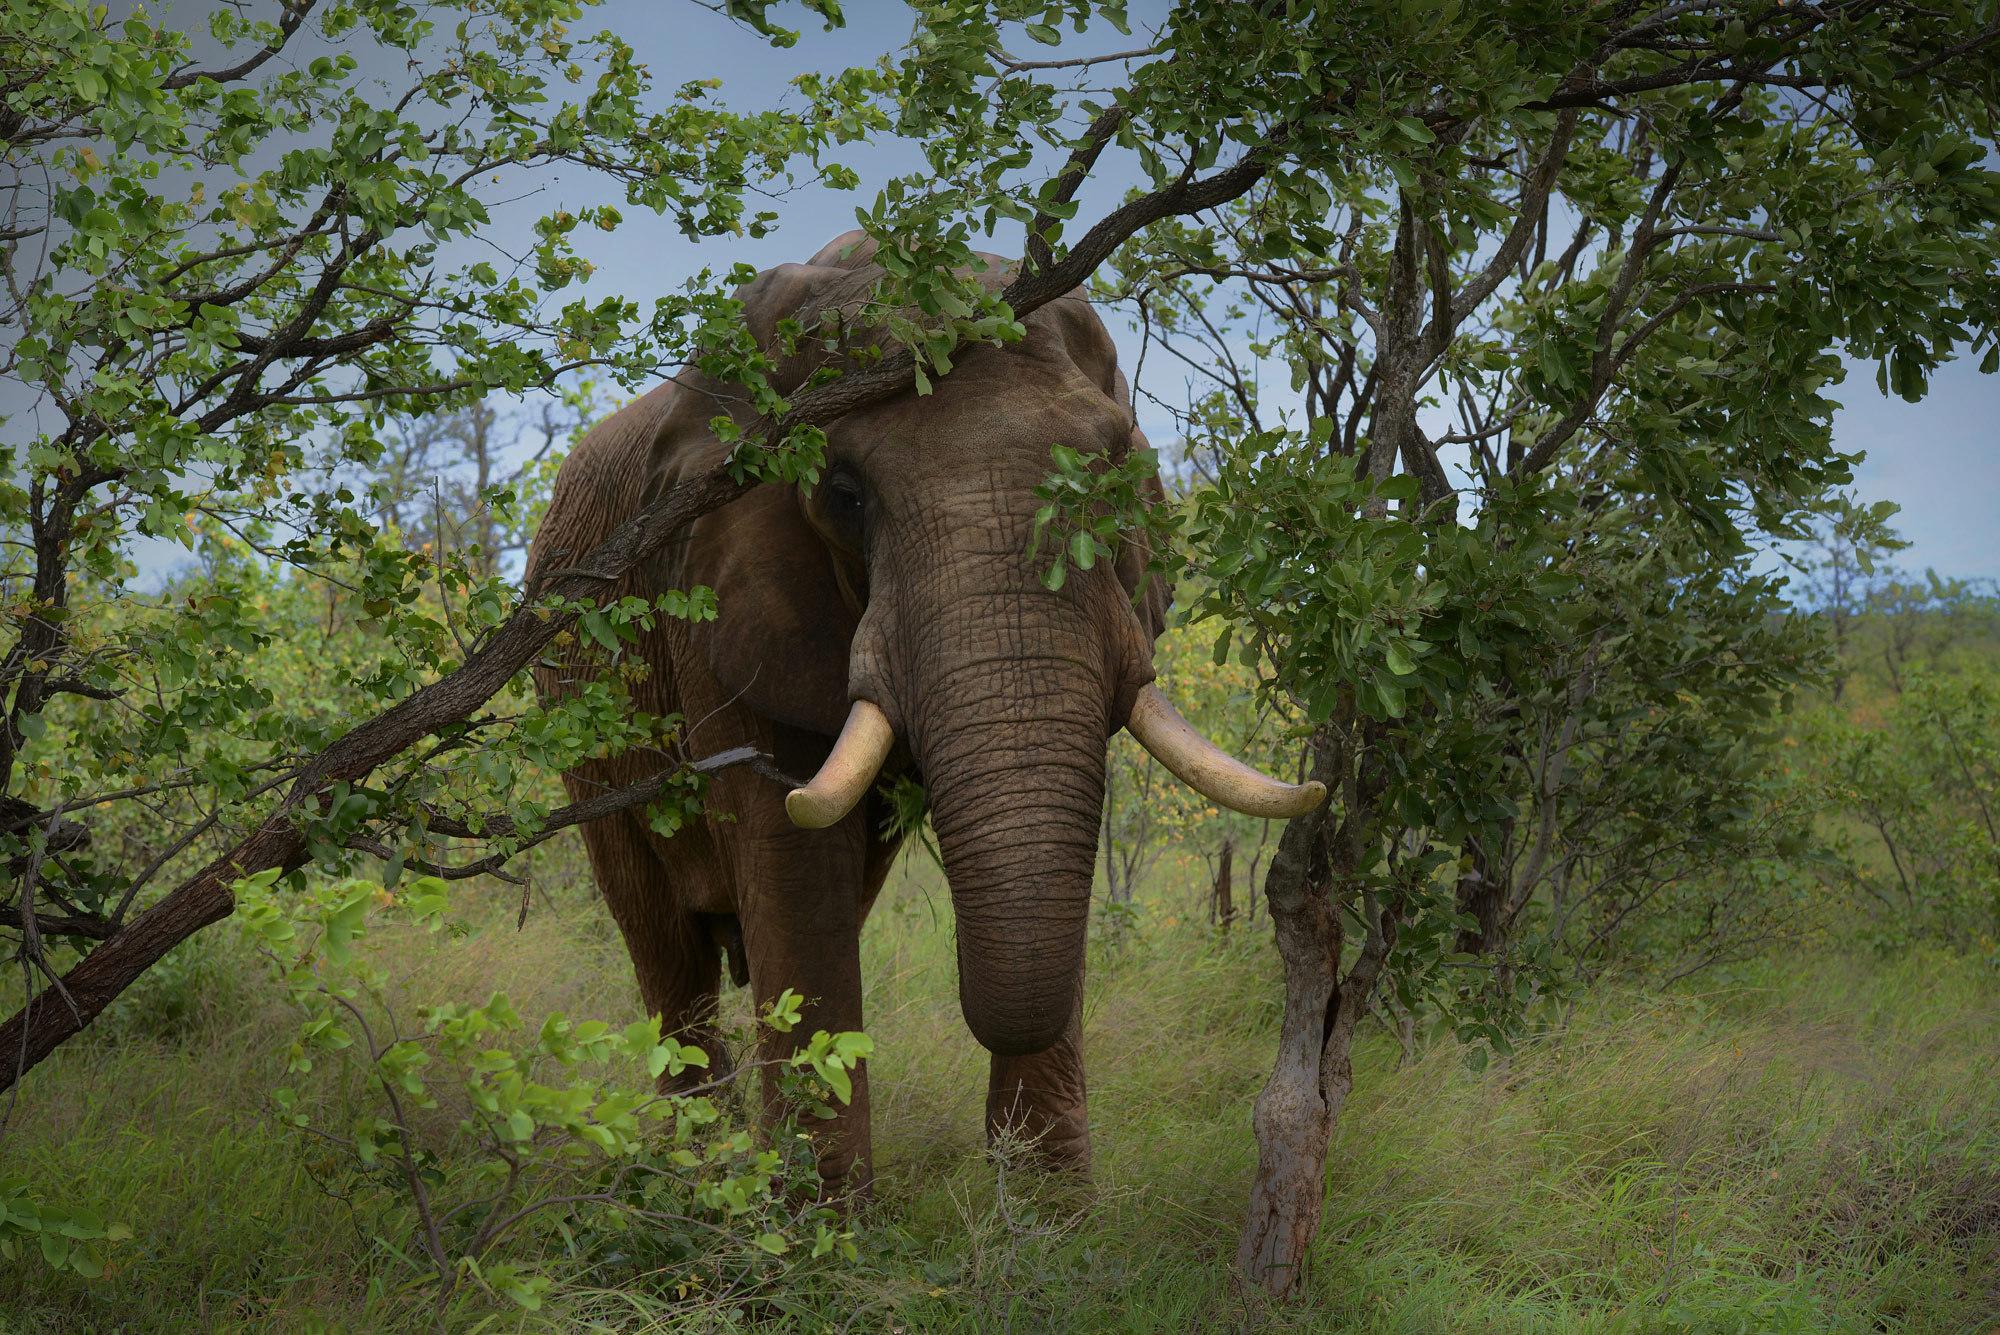 картинки слоны в джунглях омбре смотрелось